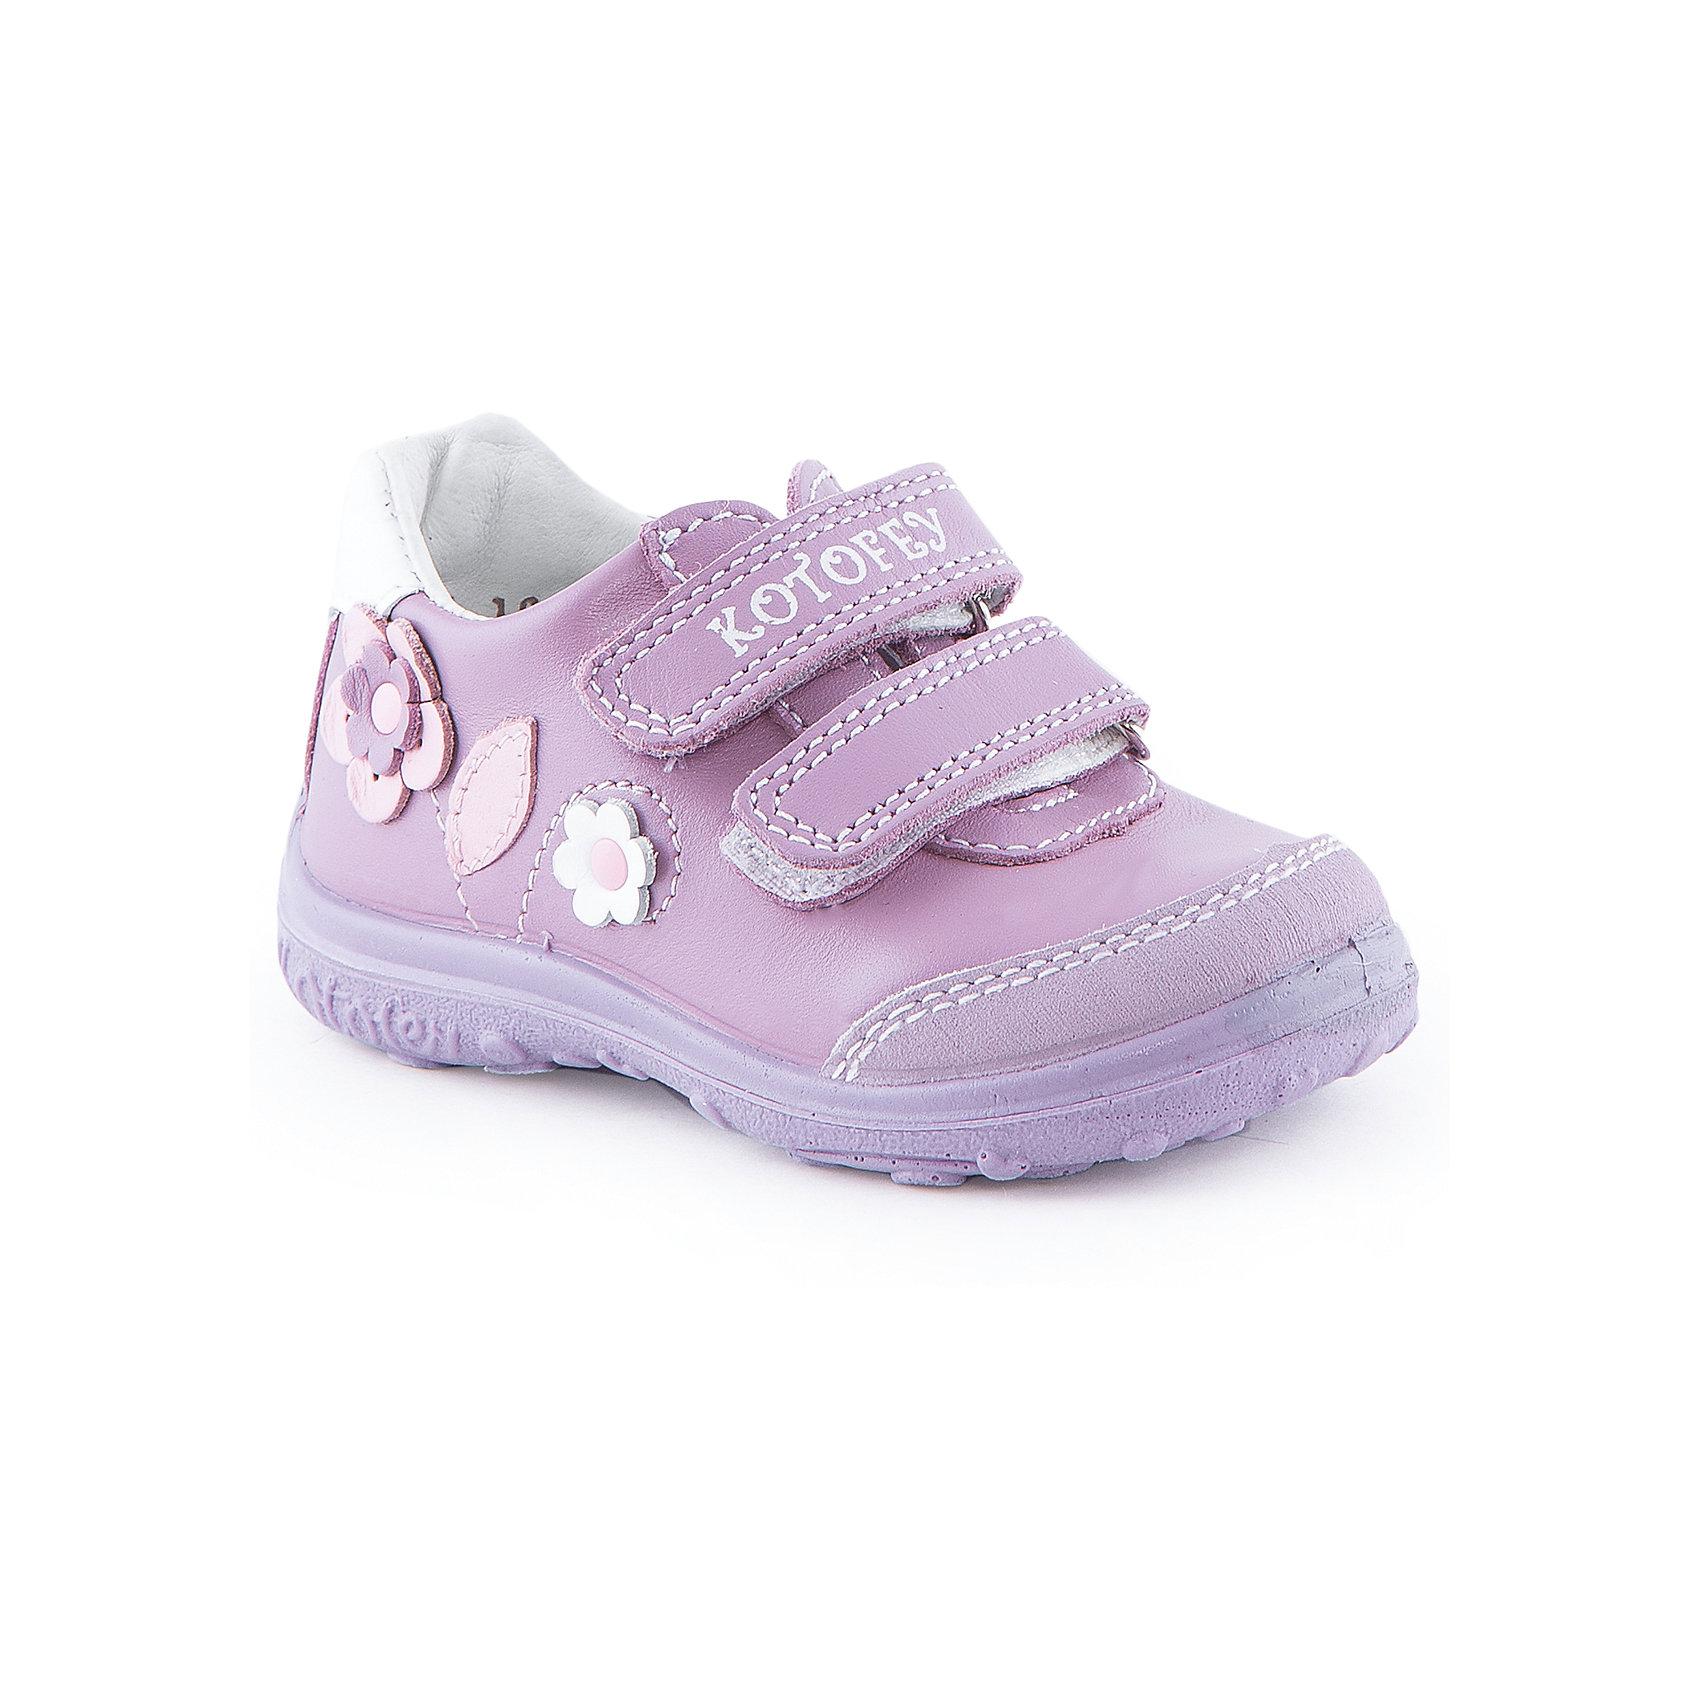 Полуботинки для девочки КотофейПолуботинки для девочки от известного российского бренда Котофей<br><br>Модные ботинки помогут защитить детские ножки от сырости и холода. Они легко надеваются, комфортно садятся по ноге. <br>Изделия украшены аппликацией. На липучке - бренд производителя.<br><br>Особенности модели:<br><br>- цвет - сиреневый;<br>- декорированы аппликацией;<br>- верх – натуральная кожа;<br>- комфортная колодка;<br>- подкладка из кожи;<br>- вид крепления – литьевой;<br>- защита пальцев;<br>- амортизирующая устойчивая подошва;<br>- застежка - липучки.<br><br>Дополнительная информация:<br><br>Температурный режим:<br><br>от +10° С до +20° С<br><br>Состав:<br>верх – натуральная кожа;<br>подкладка - натуральная кожа;<br>подошва - ПУ.<br><br>Полуботинки для девочки Котофей можно купить в нашем магазине.<br><br>Ширина мм: 262<br>Глубина мм: 176<br>Высота мм: 97<br>Вес г: 427<br>Цвет: фиолетовый<br>Возраст от месяцев: 15<br>Возраст до месяцев: 18<br>Пол: Женский<br>Возраст: Детский<br>Размер: 22,21,23,24<br>SKU: 4565599